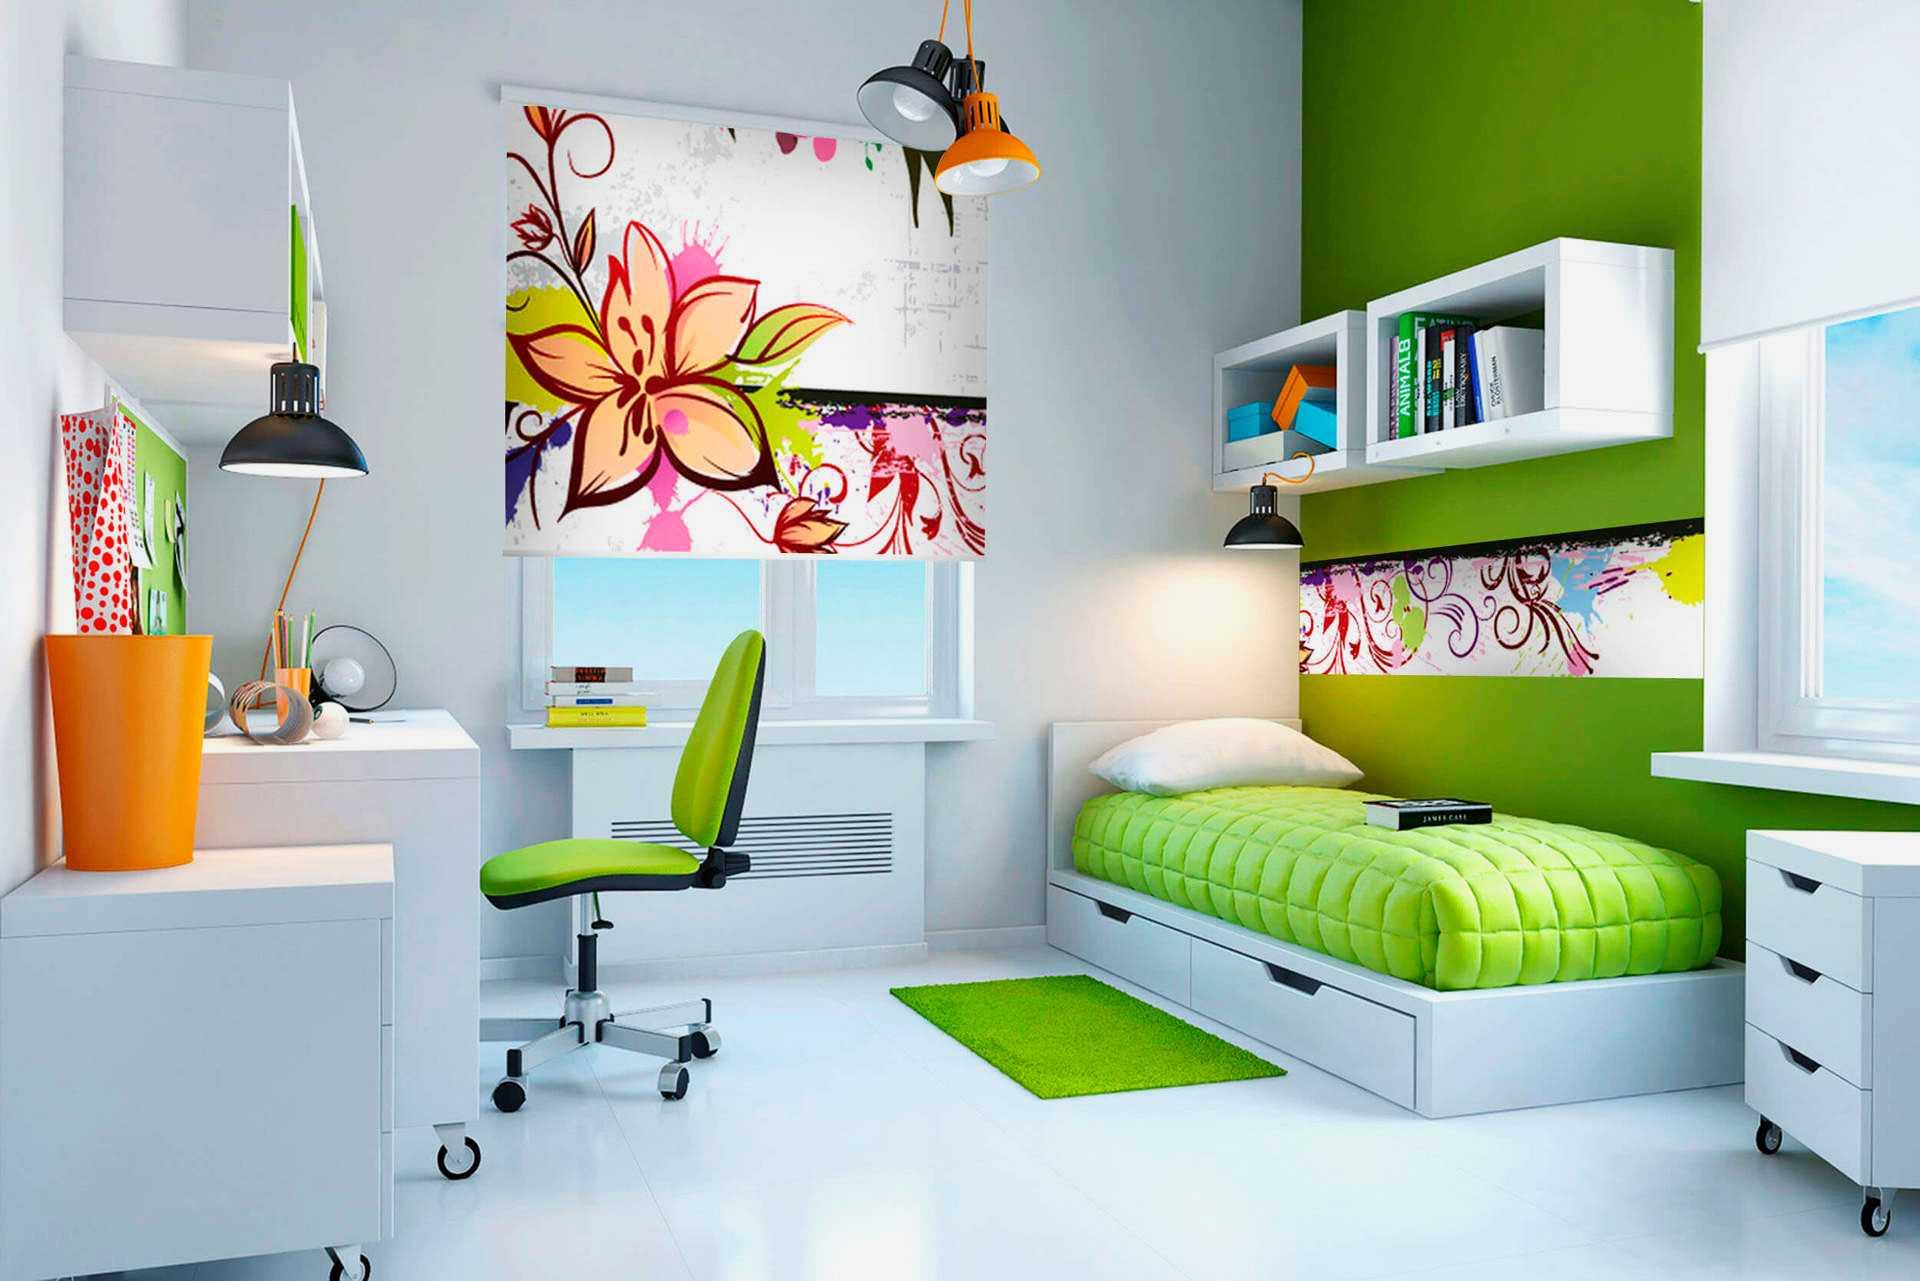 Дизайн для комнаты подростка мальчика: шторы, обои, мебель и другие варианты, фото